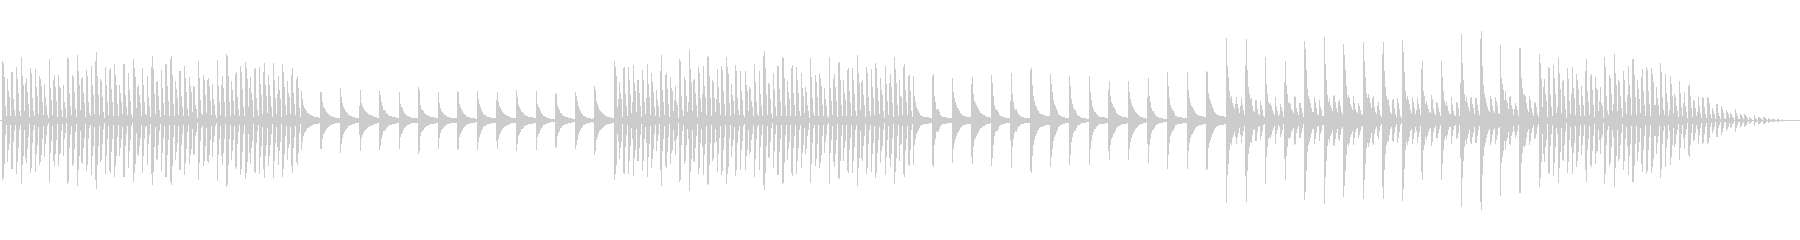 「自我の芽生え」漠然とした不安ピアノソロの未再生の波形